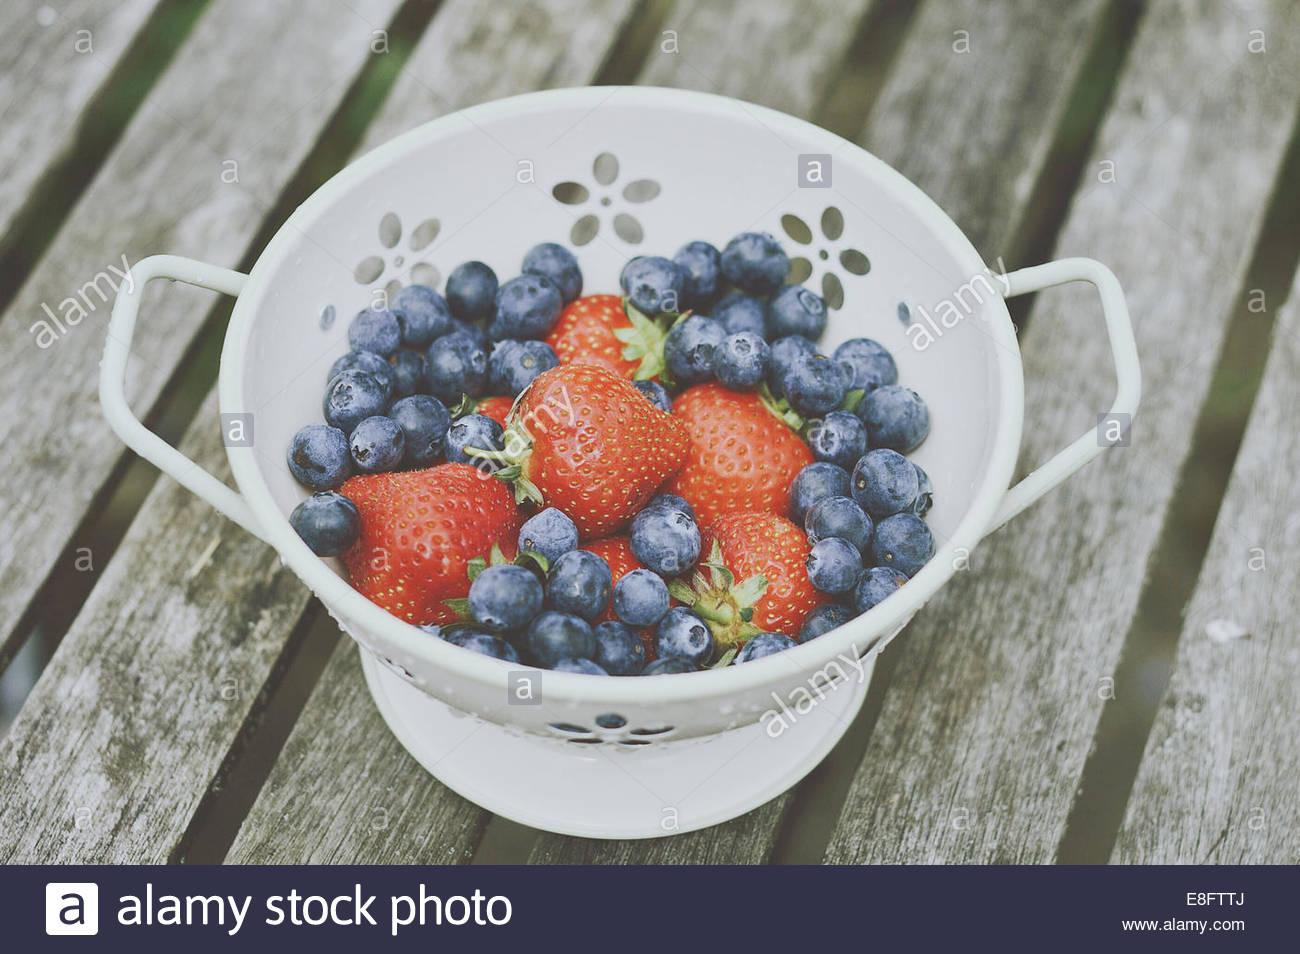 Colapasta con fragole e mirtilli Immagini Stock